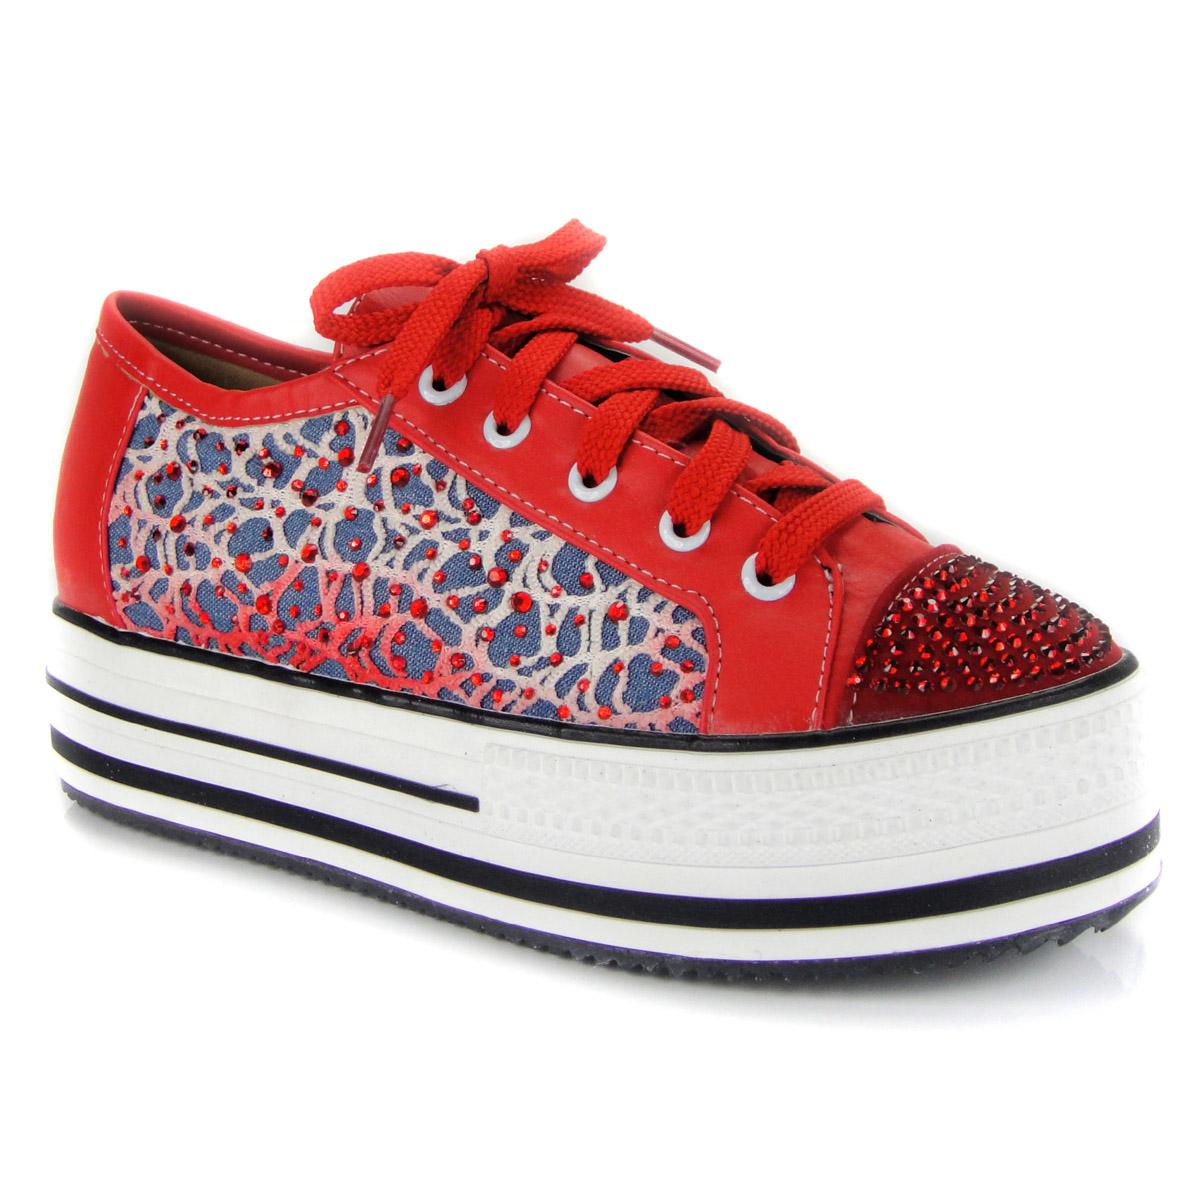 туфли Более высокого уровня в рамках платформы обувь, обувь платформы с кружевные туфли обувь джинсовой ткани с весной и осенью